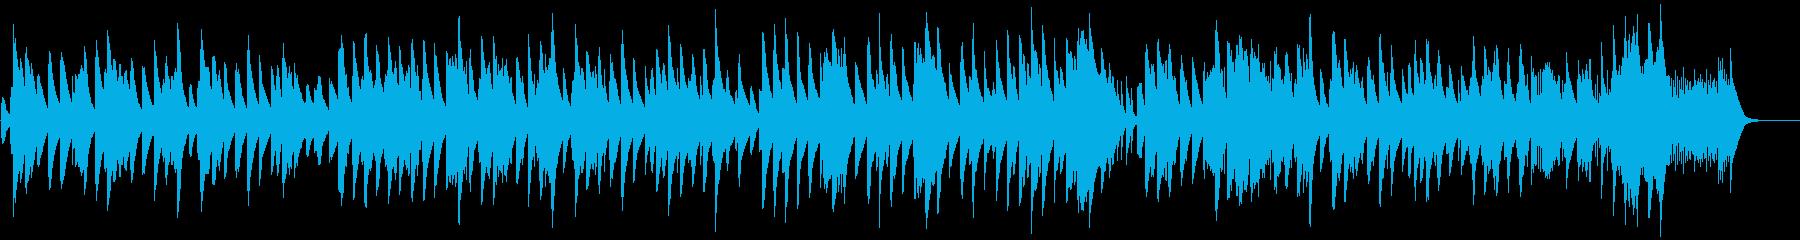 ショパン夜想曲5番のアンサンブルの再生済みの波形